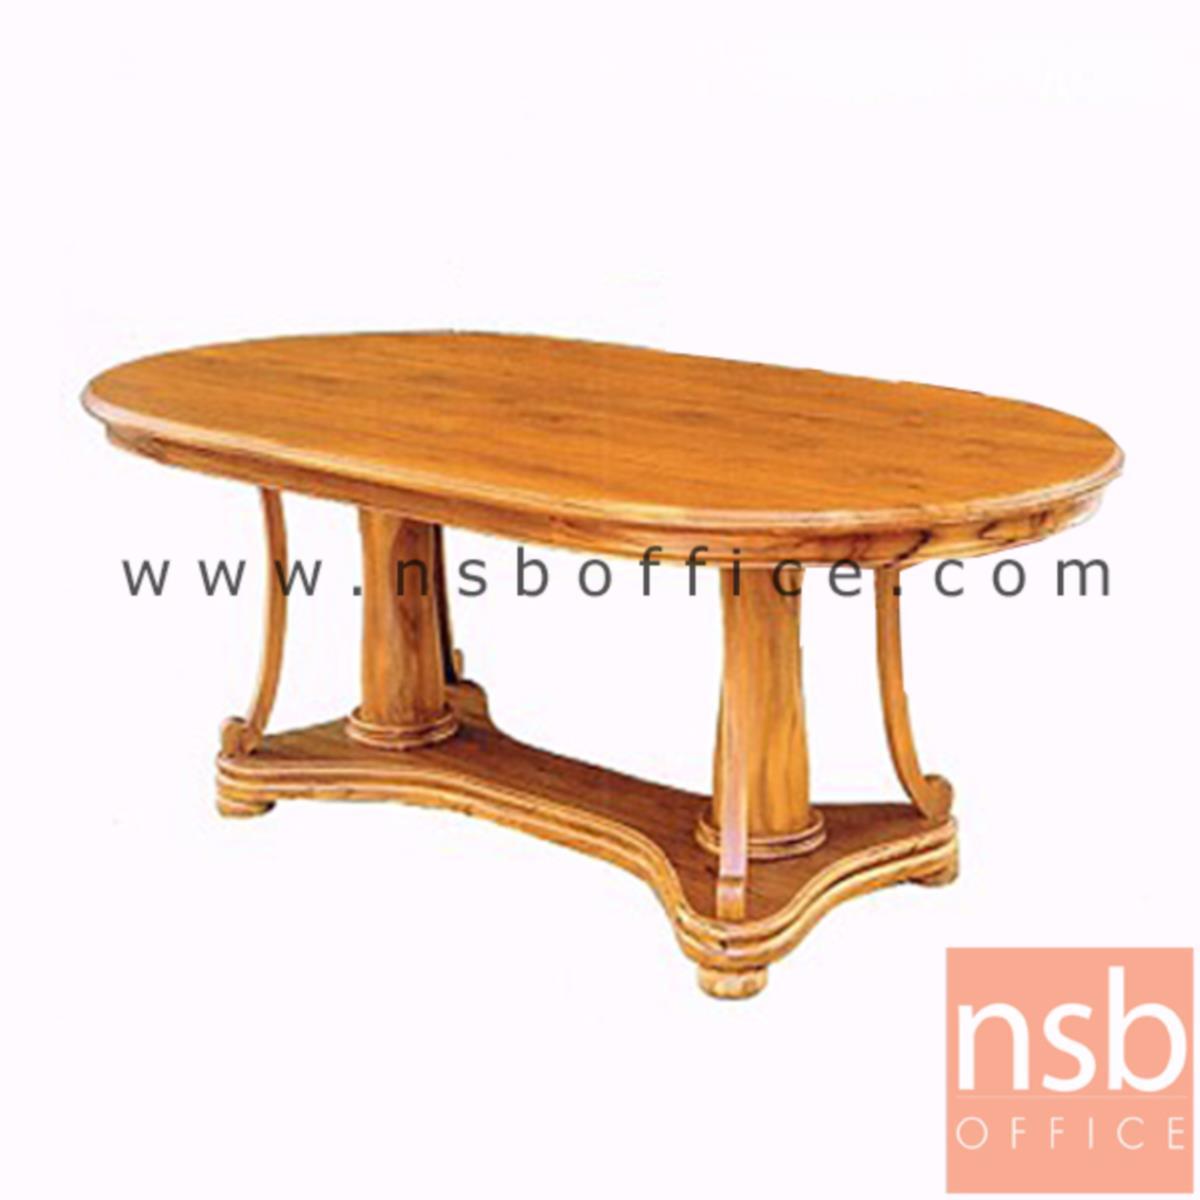 B13A191:โต๊ะรับประทานอาหารหน้าไม้สัก  ขนาด 6 ฟุต